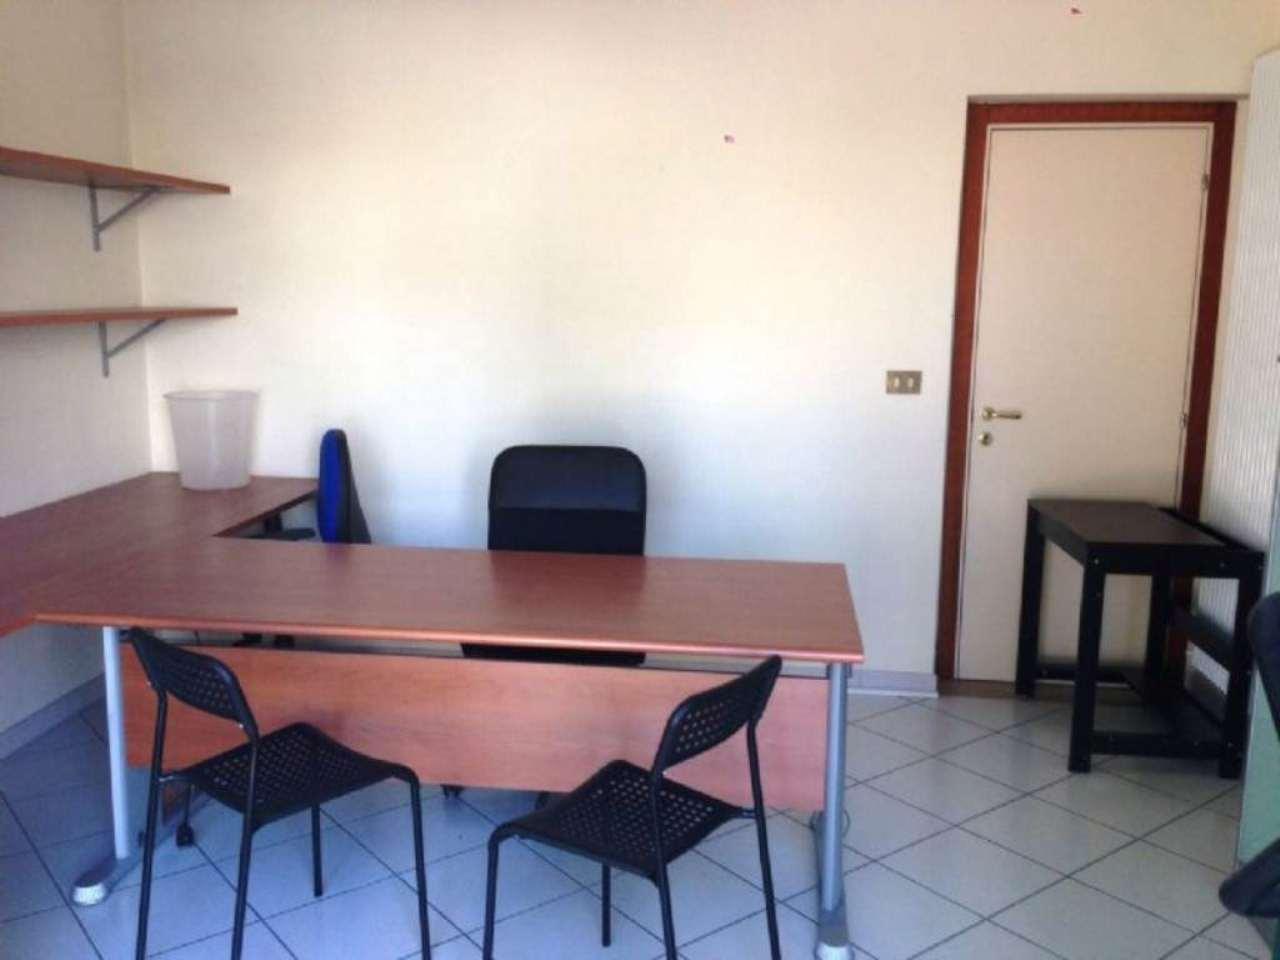 Negozio / Locale in affitto a San Giovanni Teatino, 1 locali, prezzo € 300 | CambioCasa.it